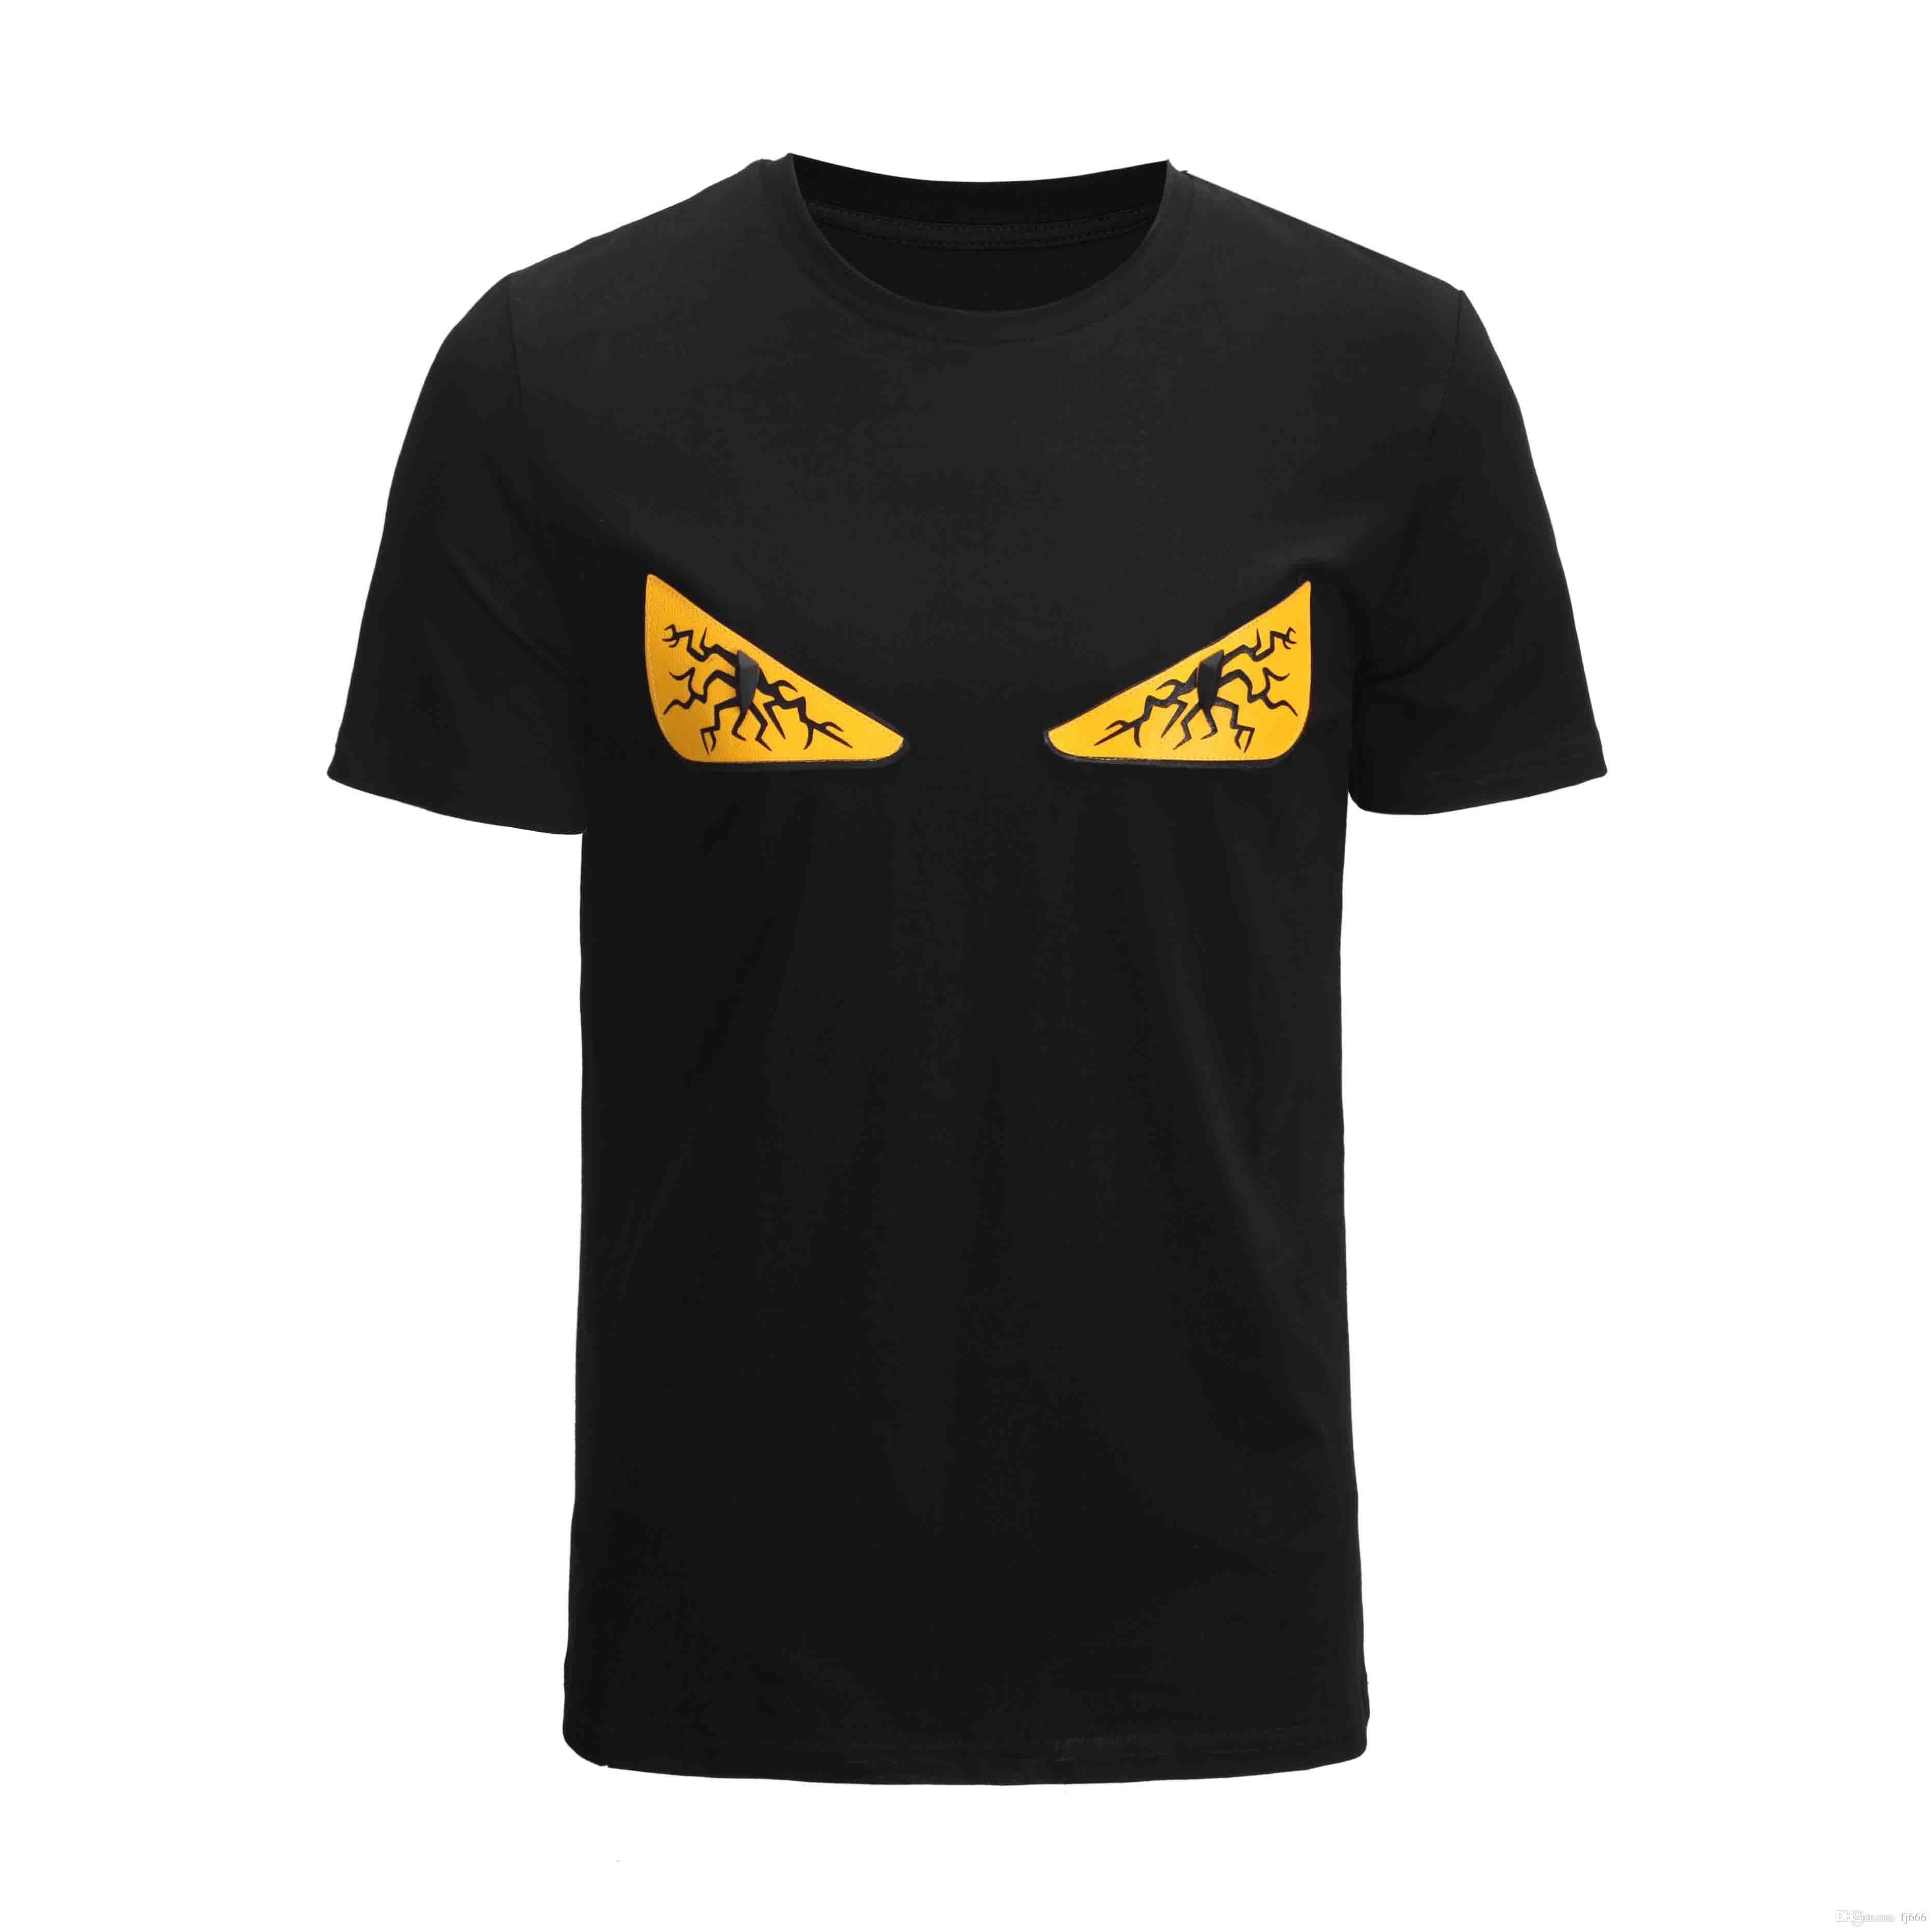 Camisetas de los hombres Camisetas de las mujeres Nuevo verano de manga corta T-shirt Hombres Mujeres T Camiseta O-cuello Casual Camisetas